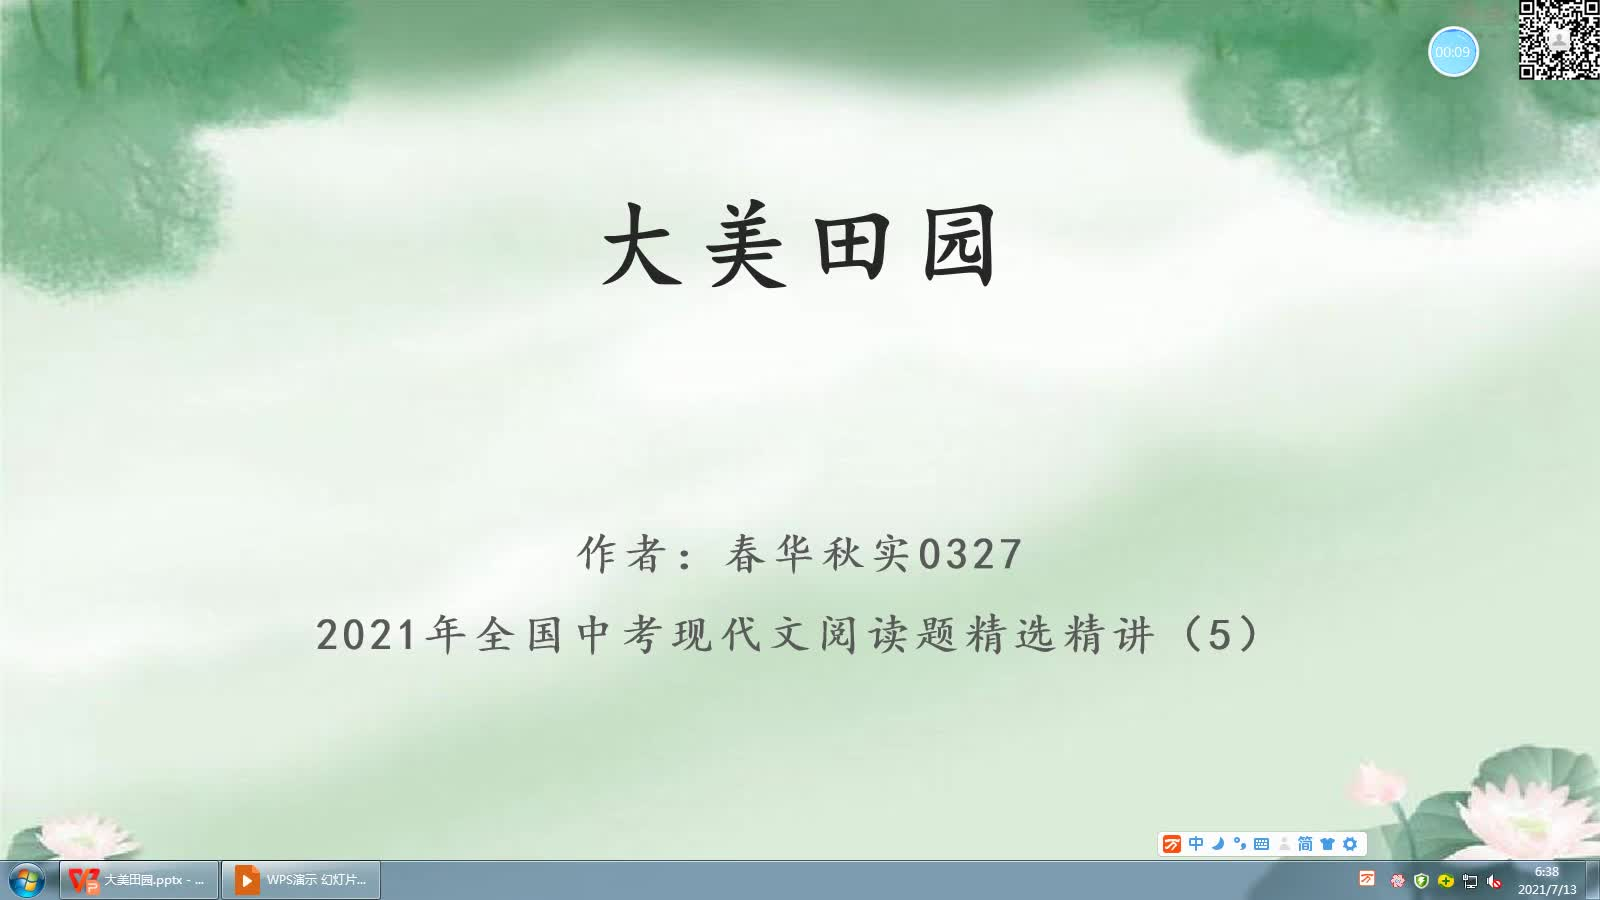 2021年全国中考现代文阅读题讲解视频:《大美田园》(2021年重庆市中考语文试卷A卷)